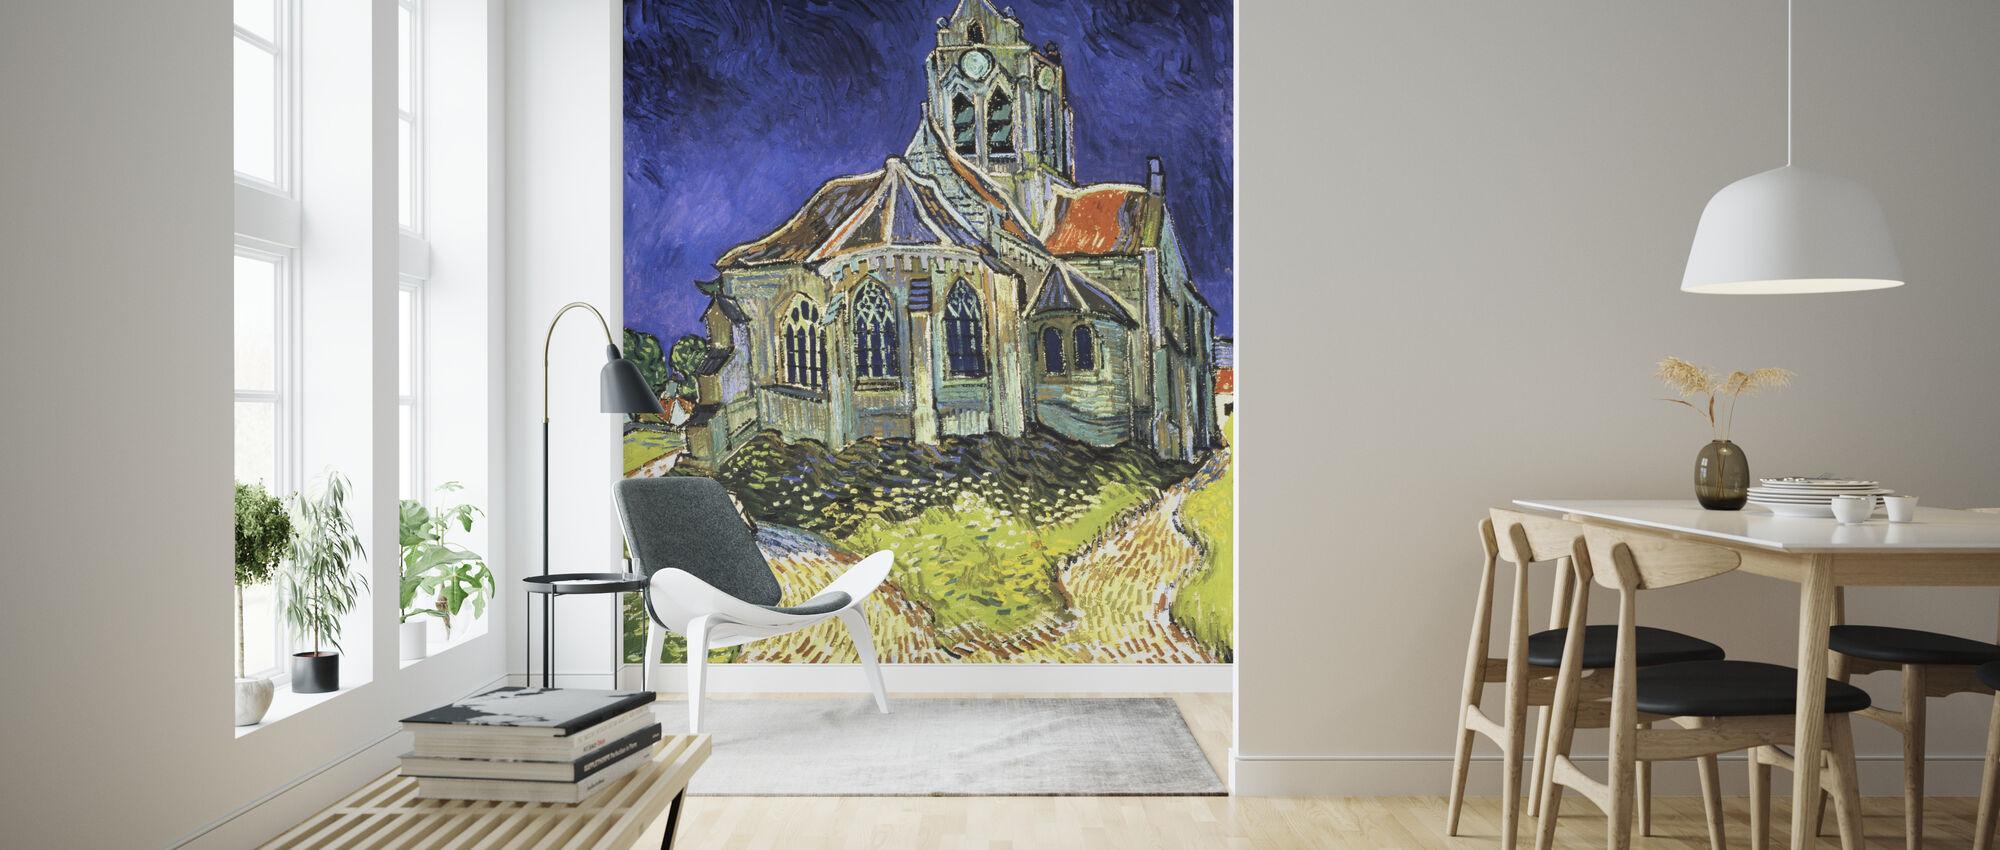 Church at Auvers-sur-Oise - Vincent van Gogh - Wallpaper - Living Room